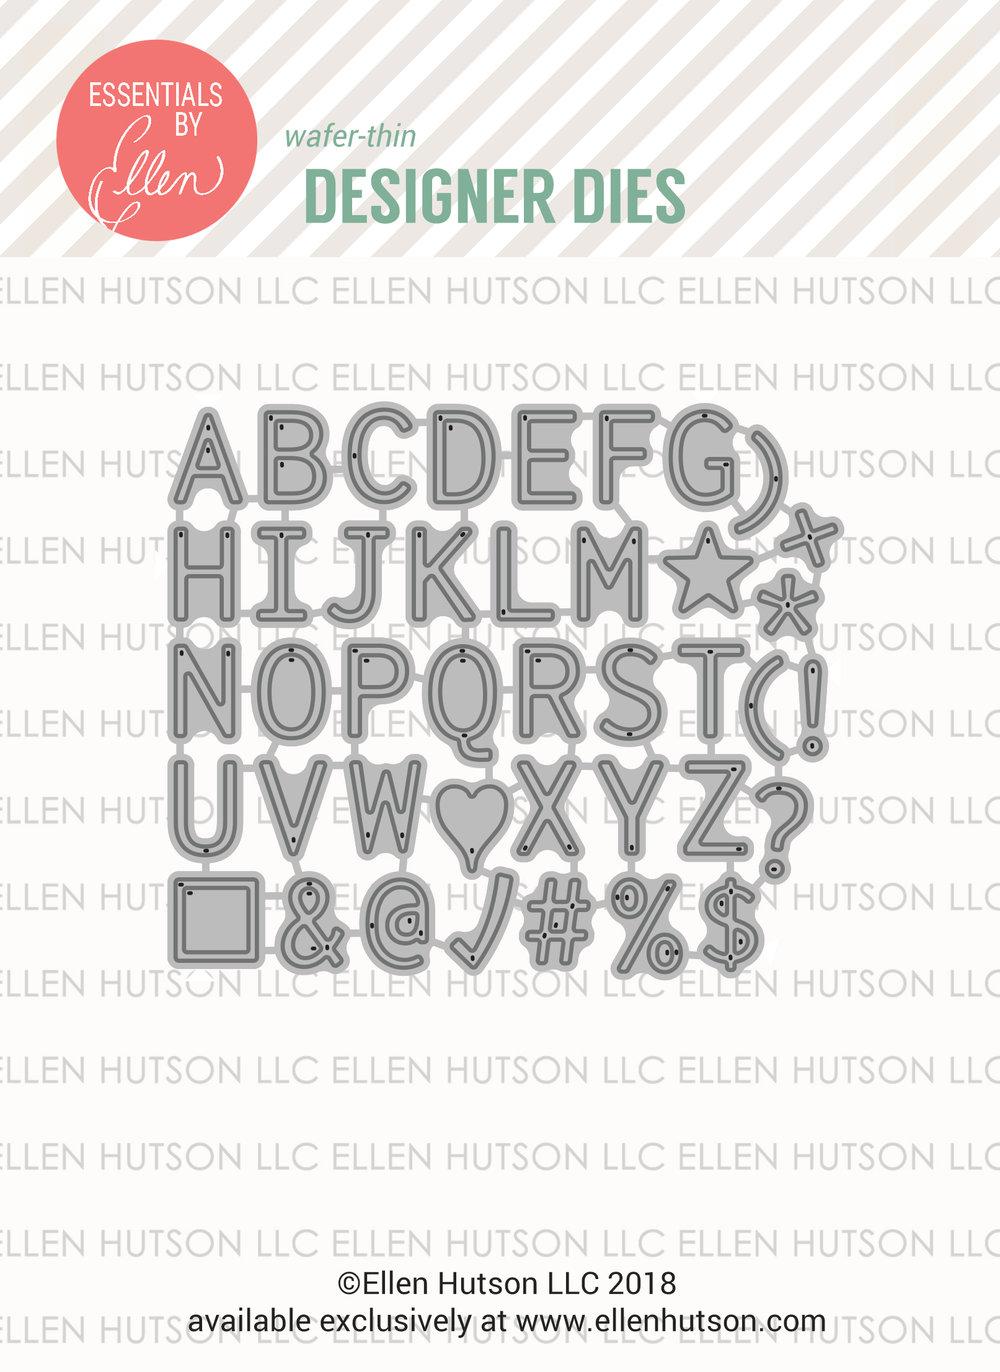 ebe-201812-dies-letterboard-largealpha.jpg